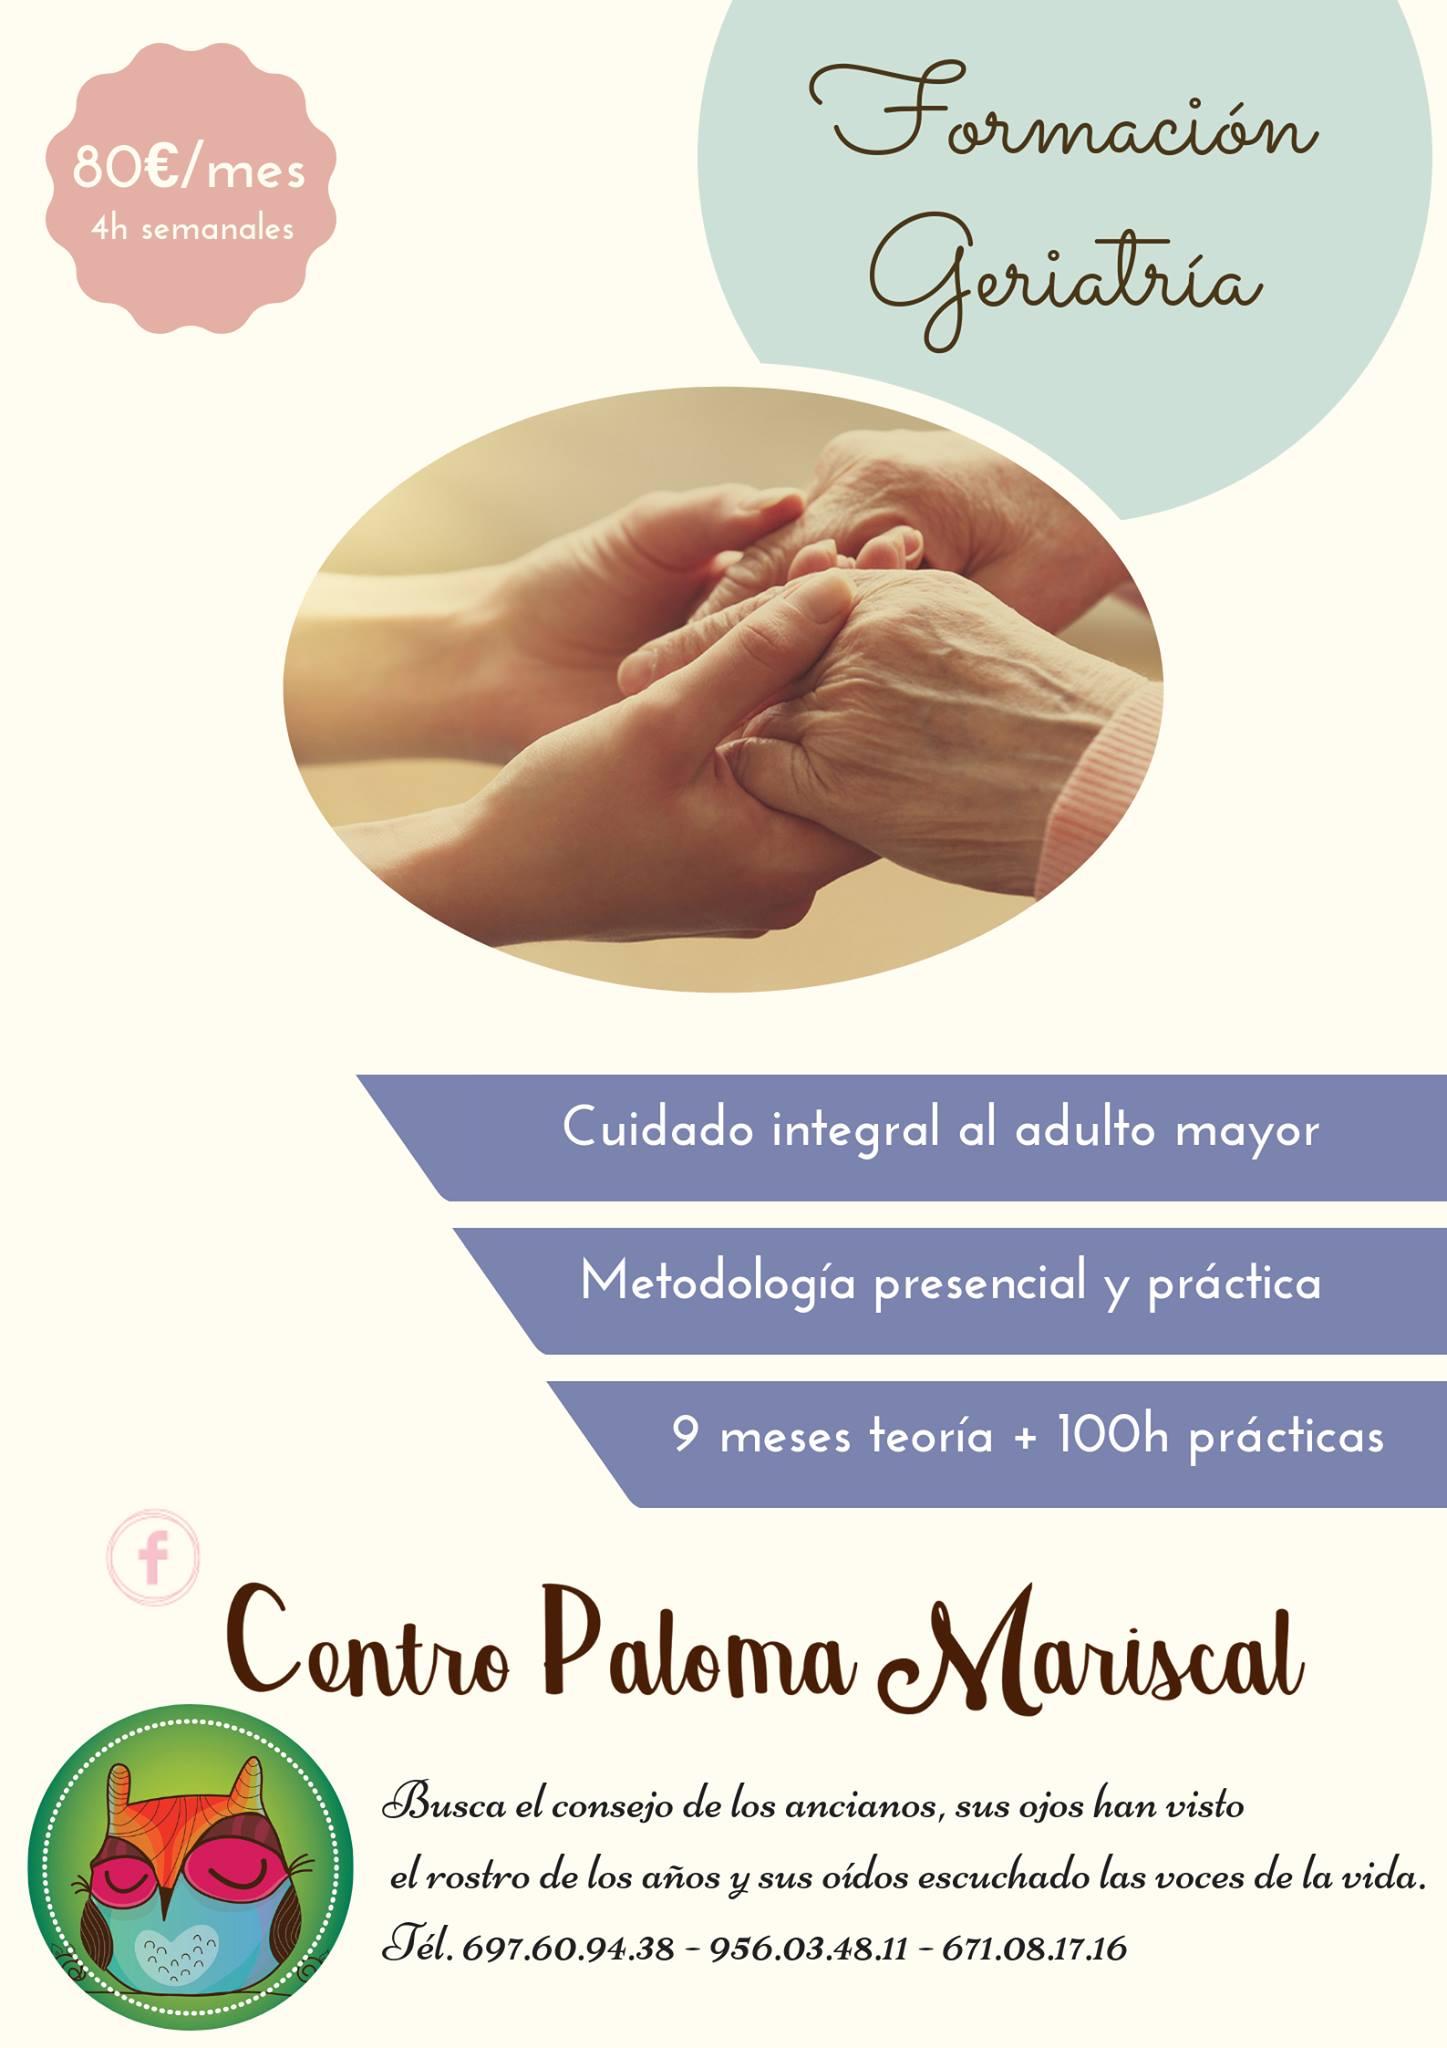 Formación Geriatría Centro Paloma Mariscal